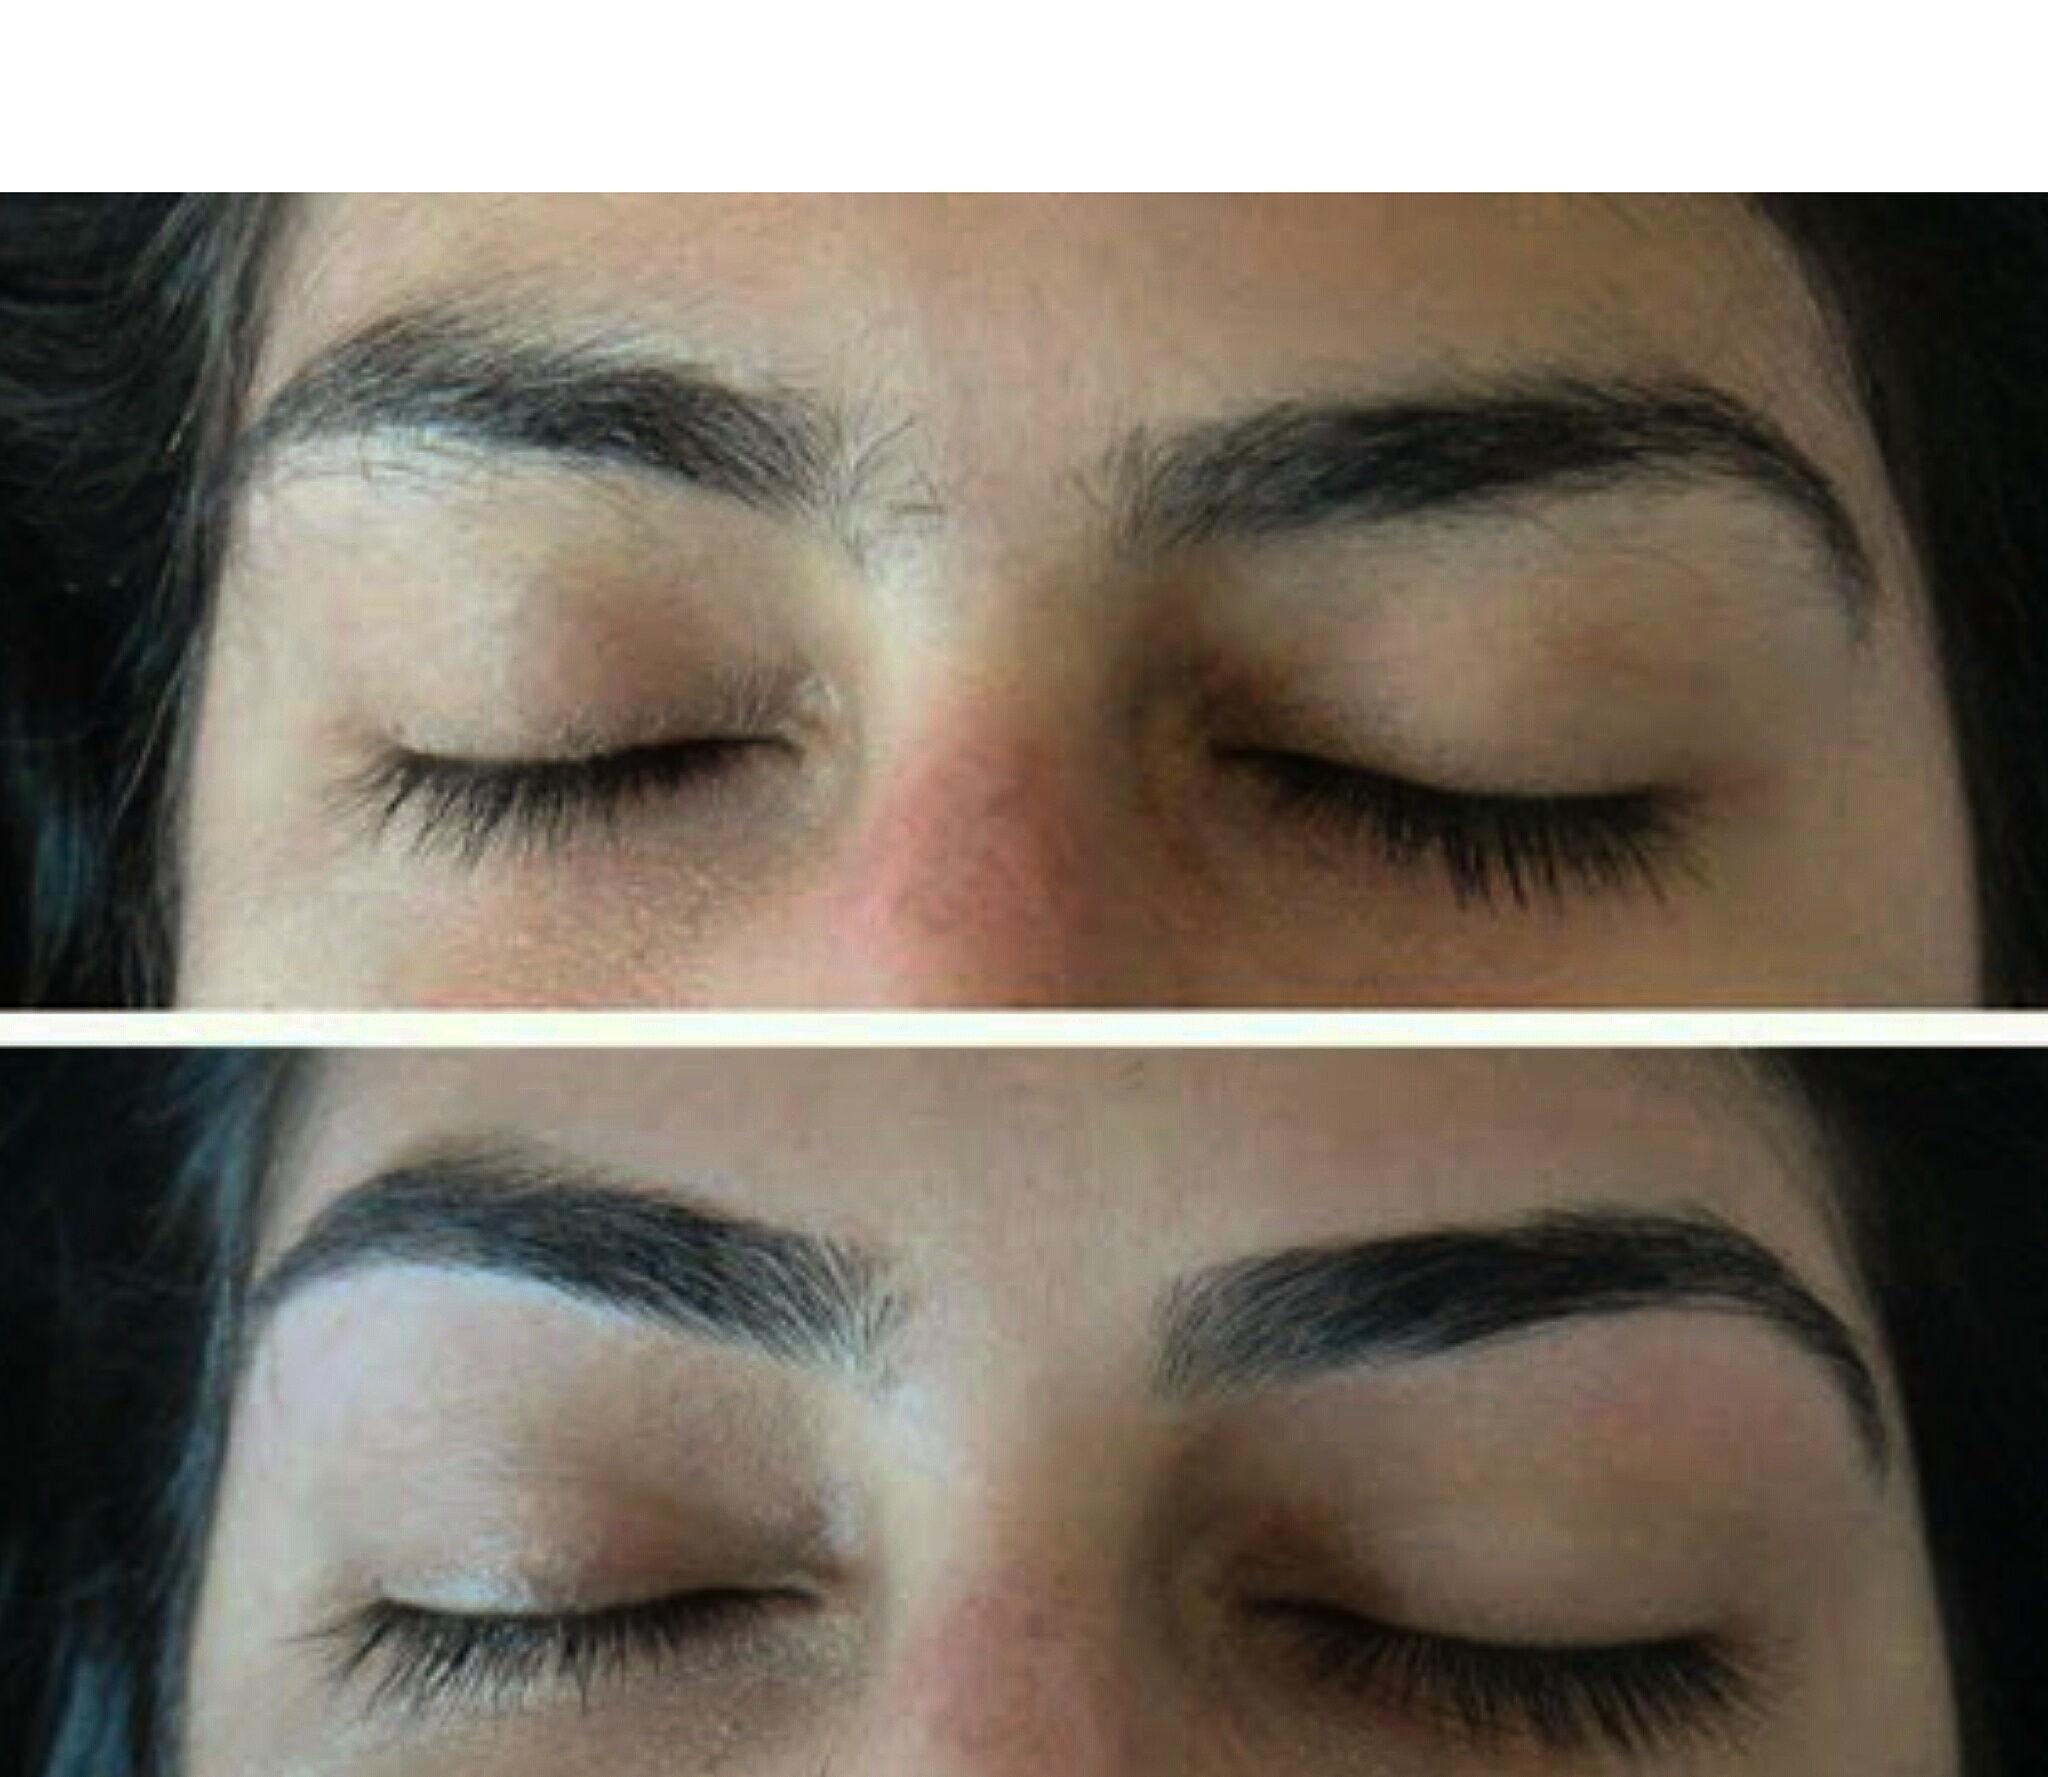 Design de Sobrancelhas  cabeleireiro(a) consultor(a) em imagem consultor(a) em negócios de beleza maquiador(a) stylist visagista produtor(a) designer de sobrancelhas